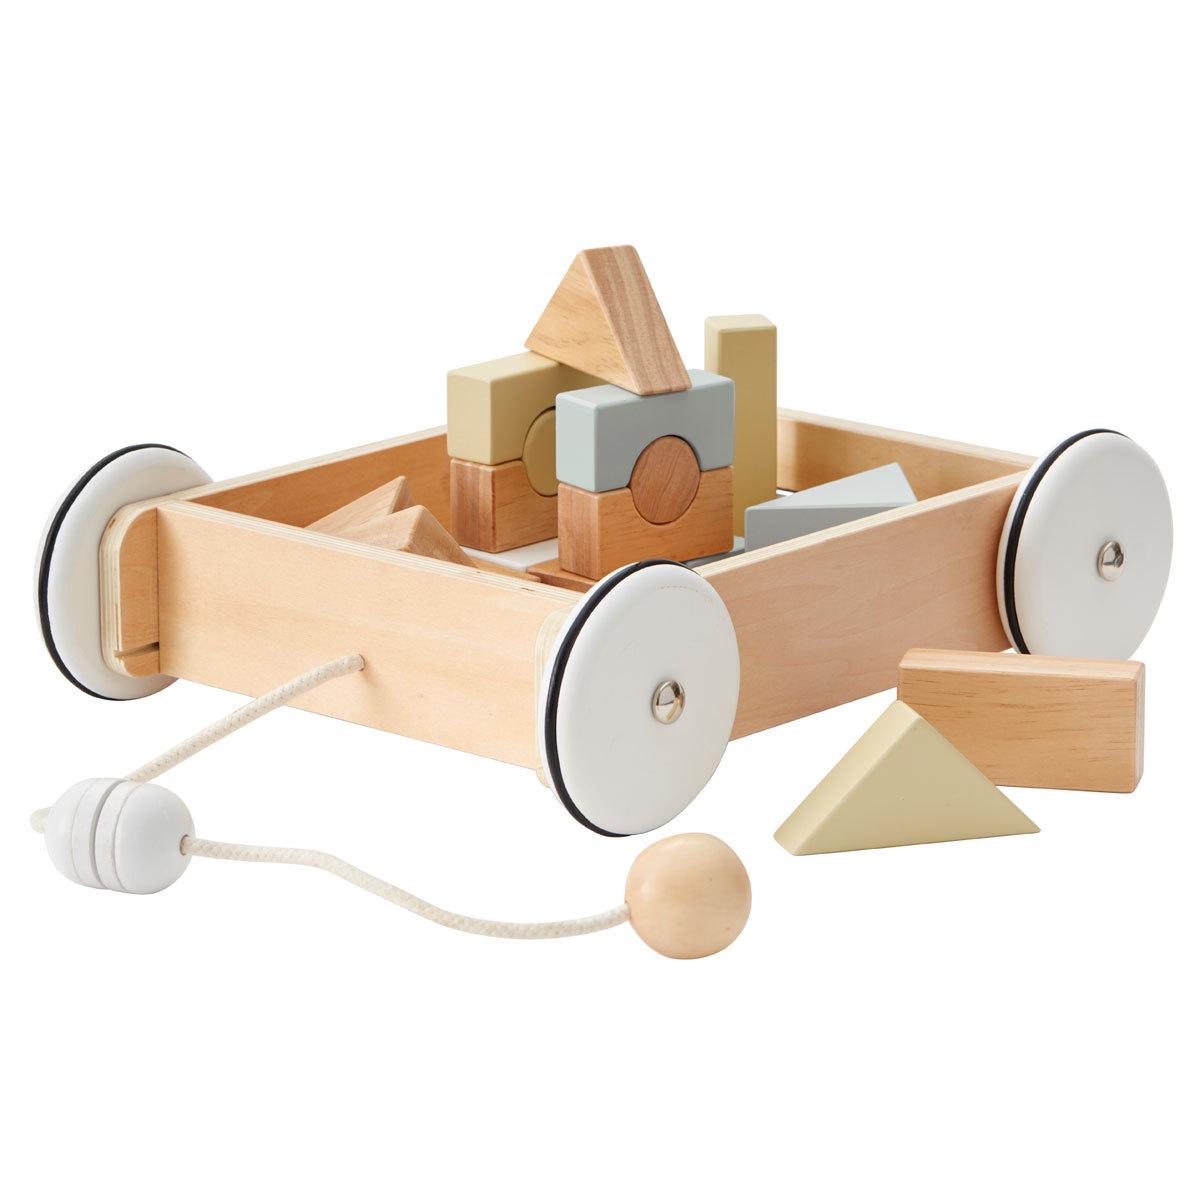 Mes premiers jouets Chariot en Bois avec Blocs Chariot en Bois avec Blocs